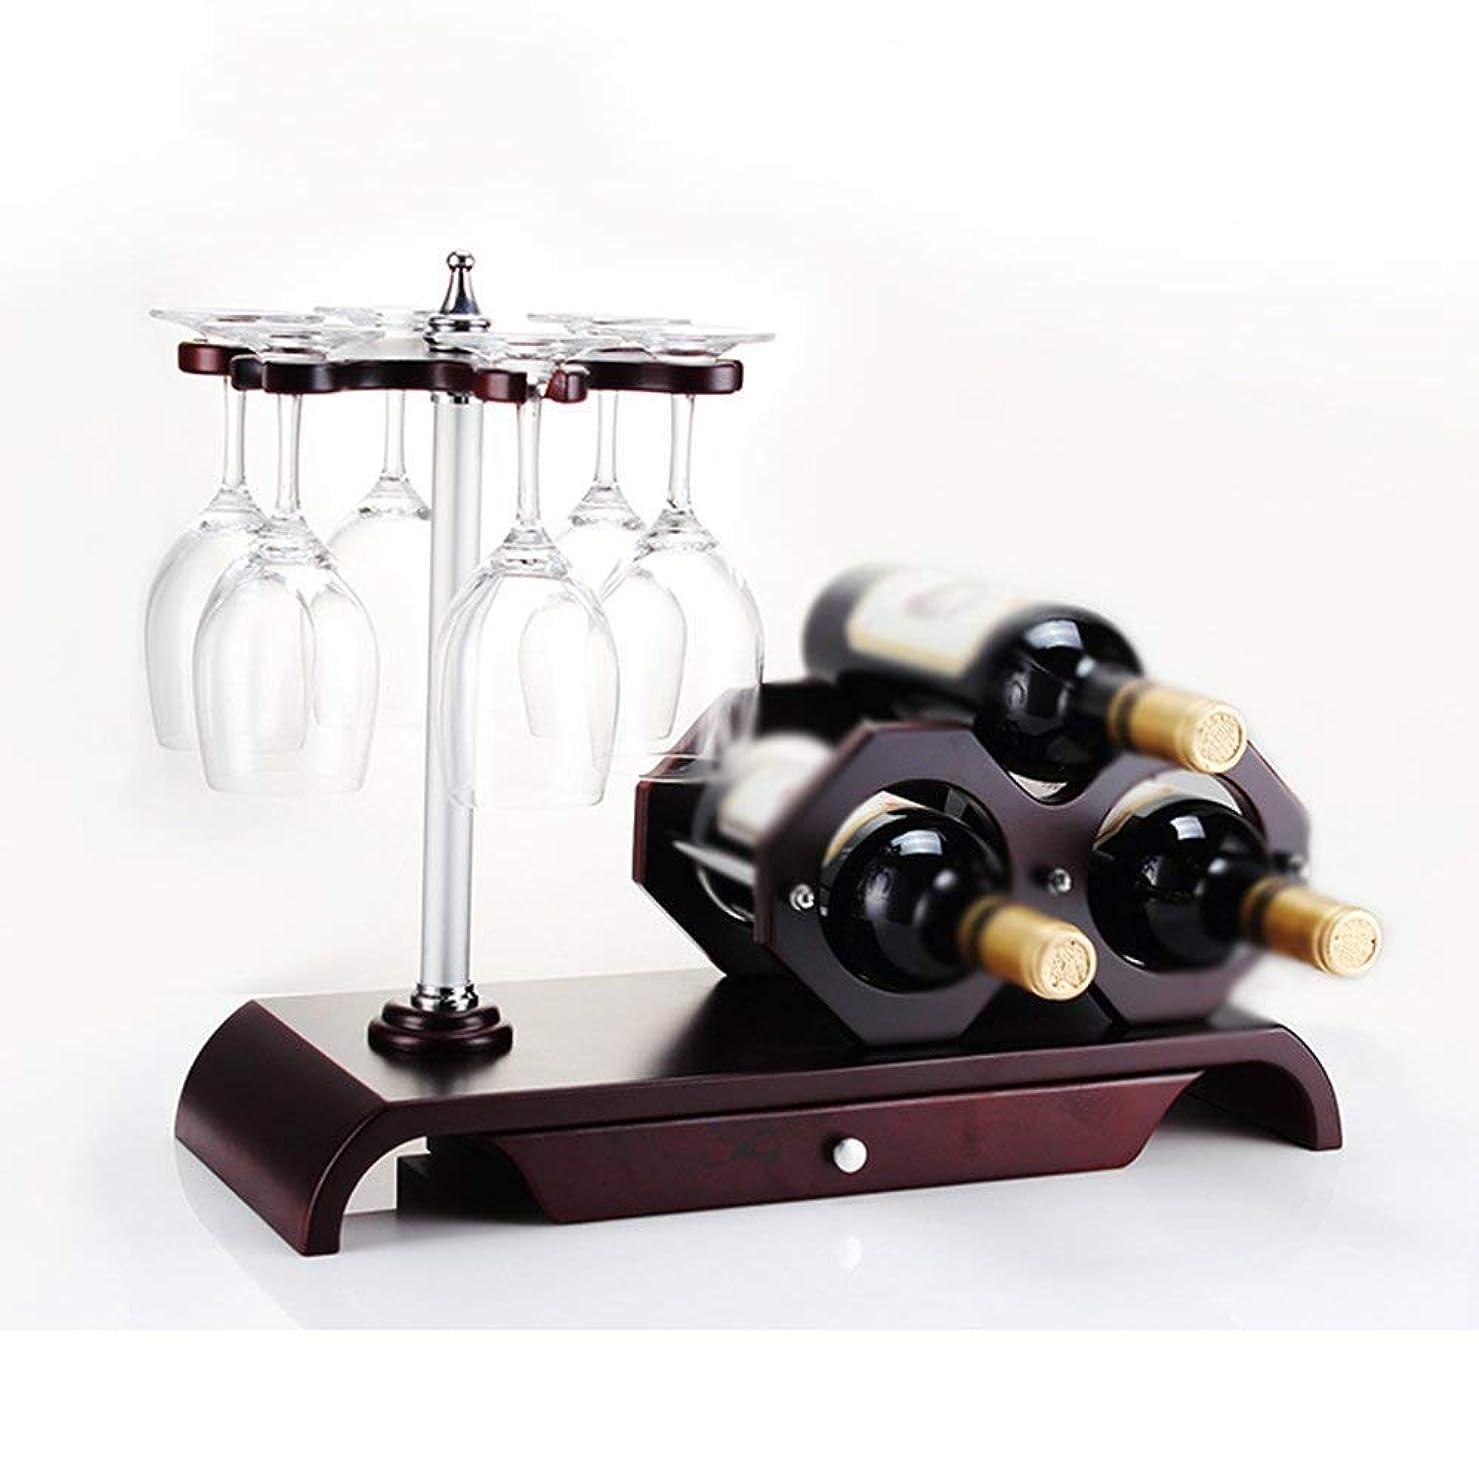 姿勢ポーチ消費するXixuanStore リビングルームのワインラック、レストランのワインラック、装飾的なワインラック、ワインラックの合成ワインレッドの装飾1つに古典的なスタイルとカップホルダーをインストールするのは簡単任意のスペースを補完する (Color : A)